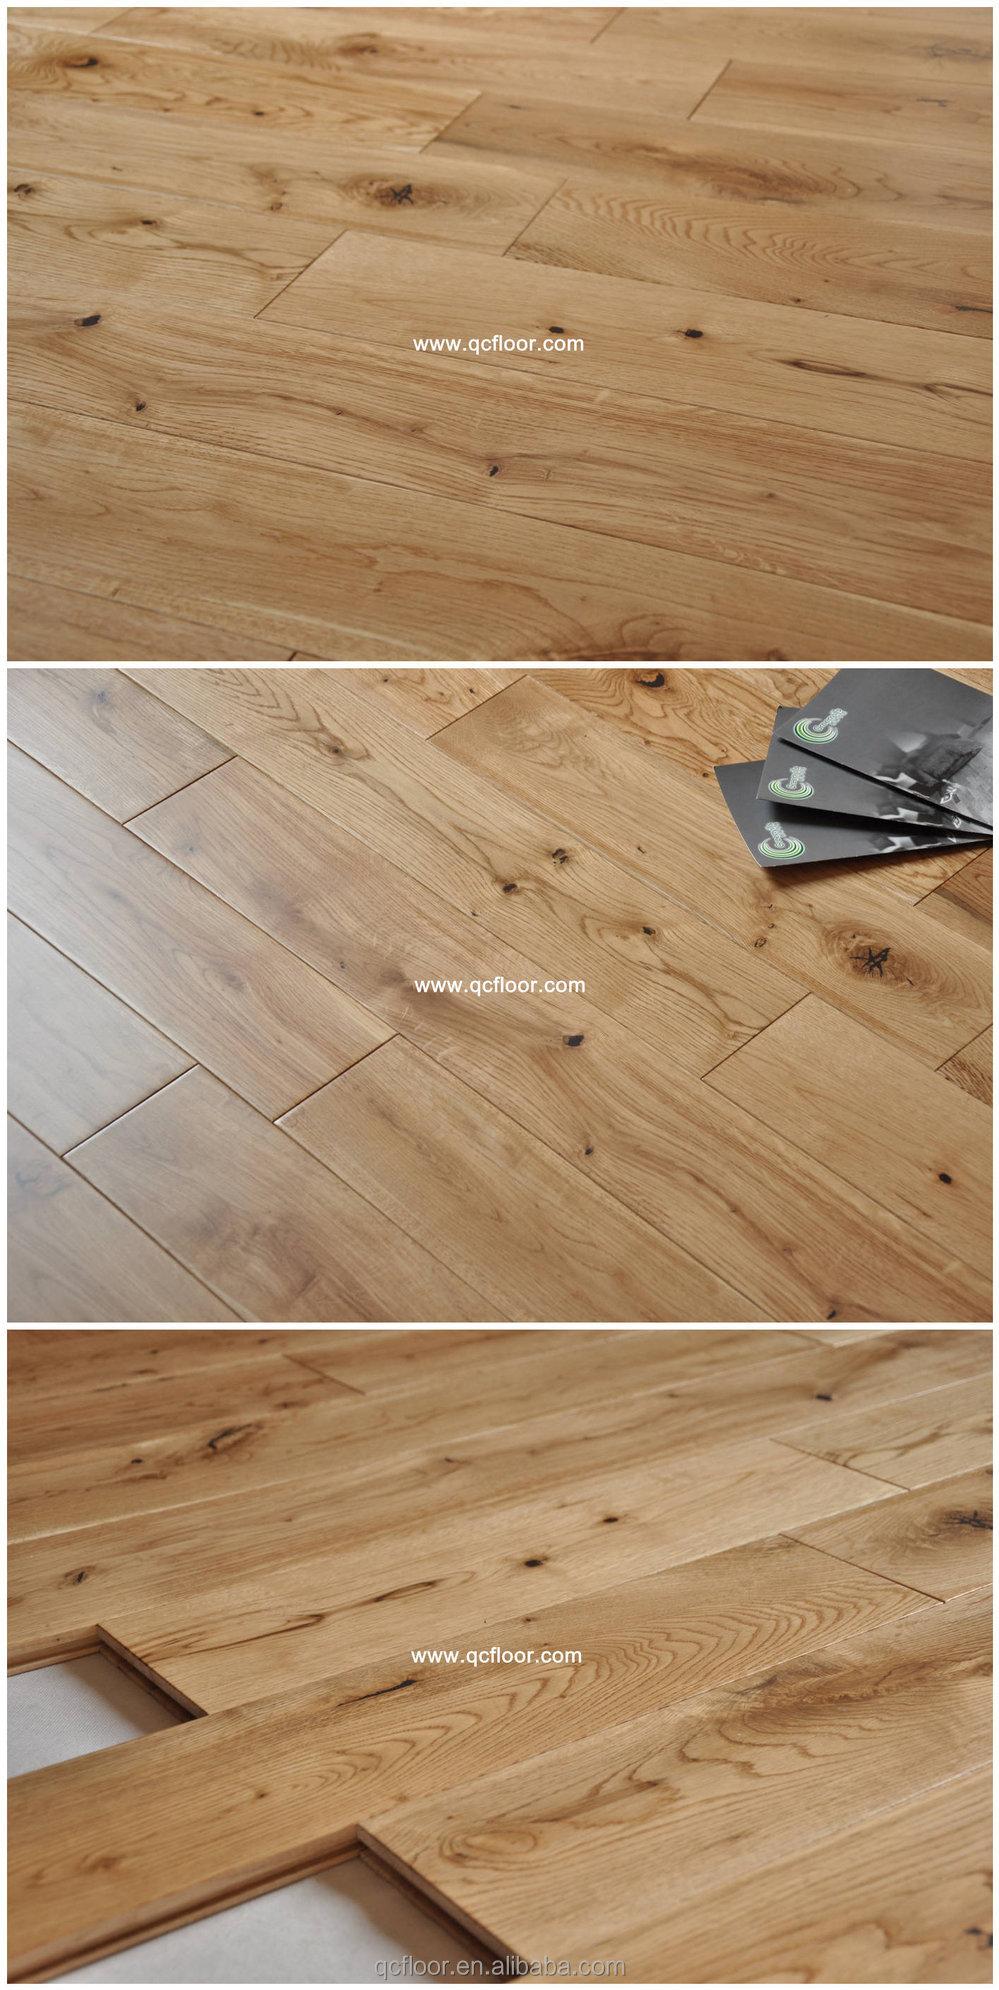 pavimenti in legno di quercia bianca pavimentazione in legno ...